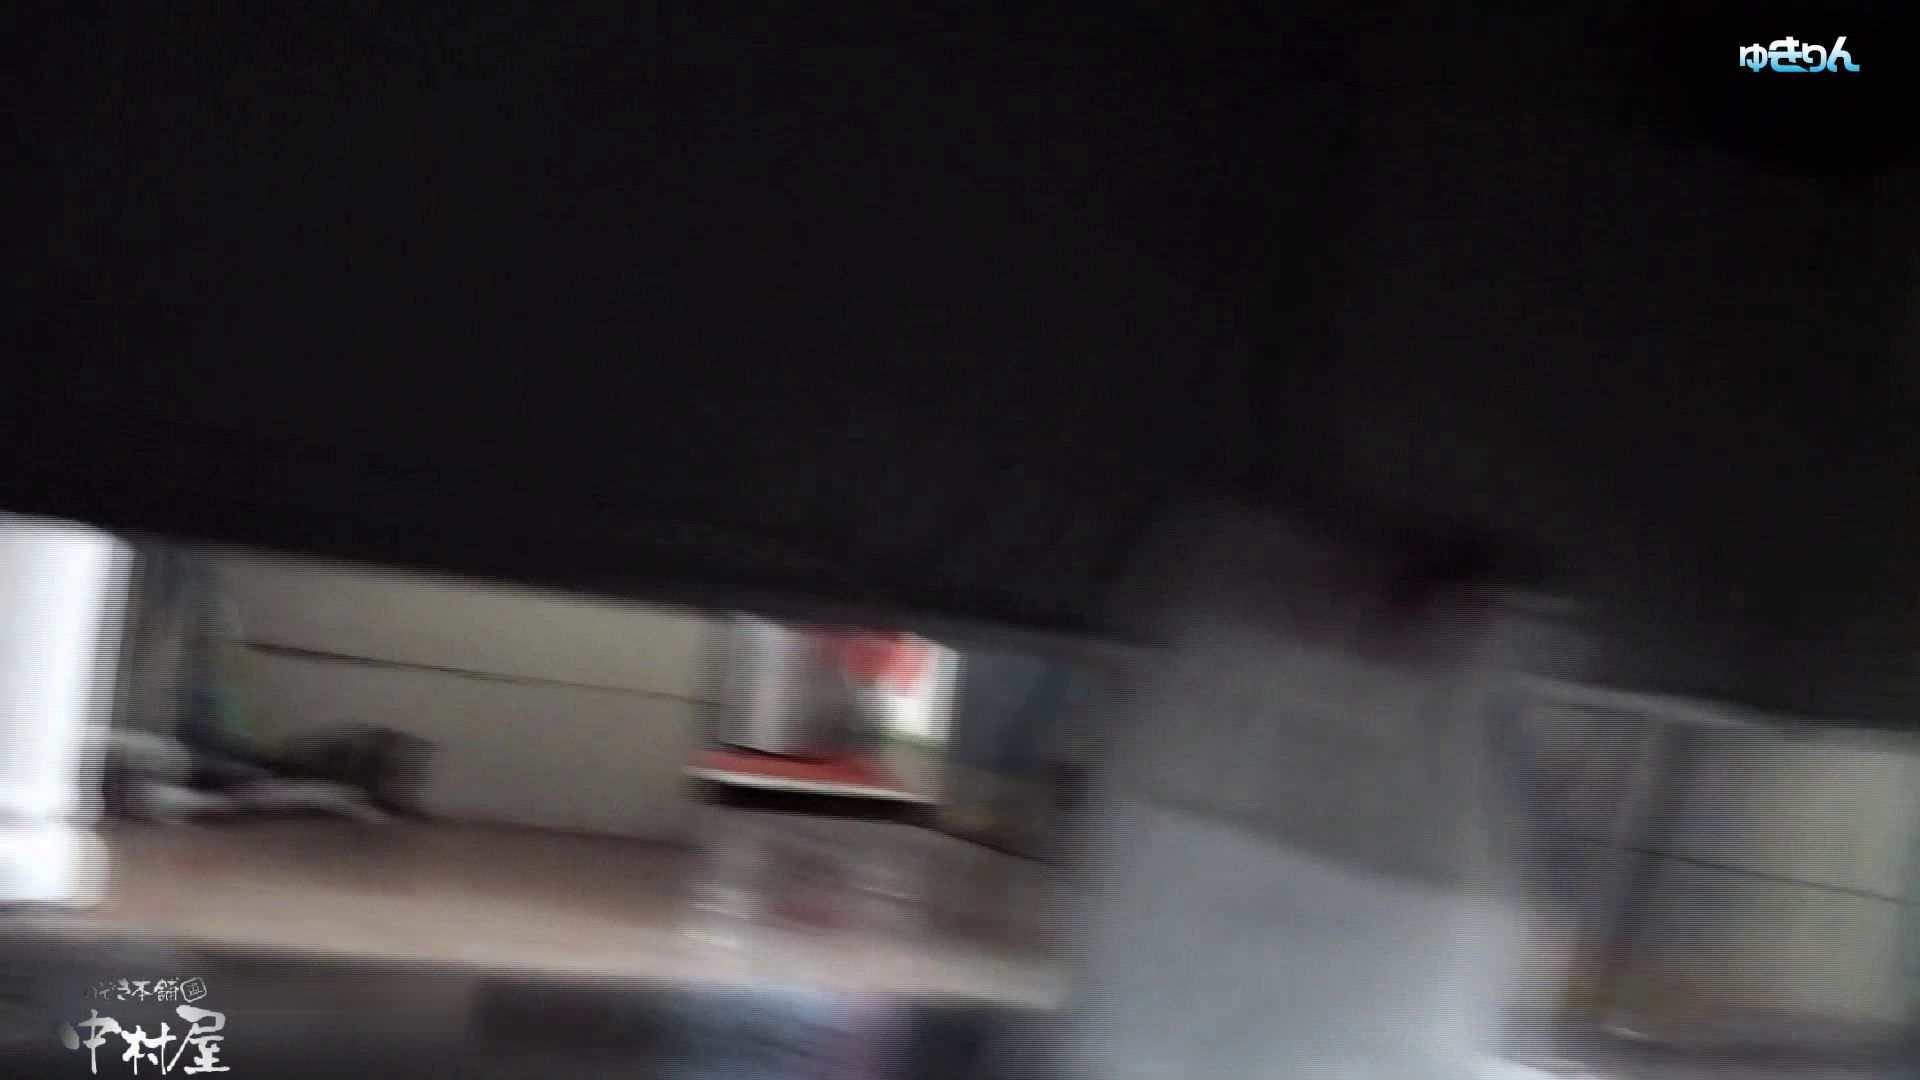 世界の射窓から~ステーション編 vol61 レベルアップ!!画質アップ、再発進 0  65連発 32